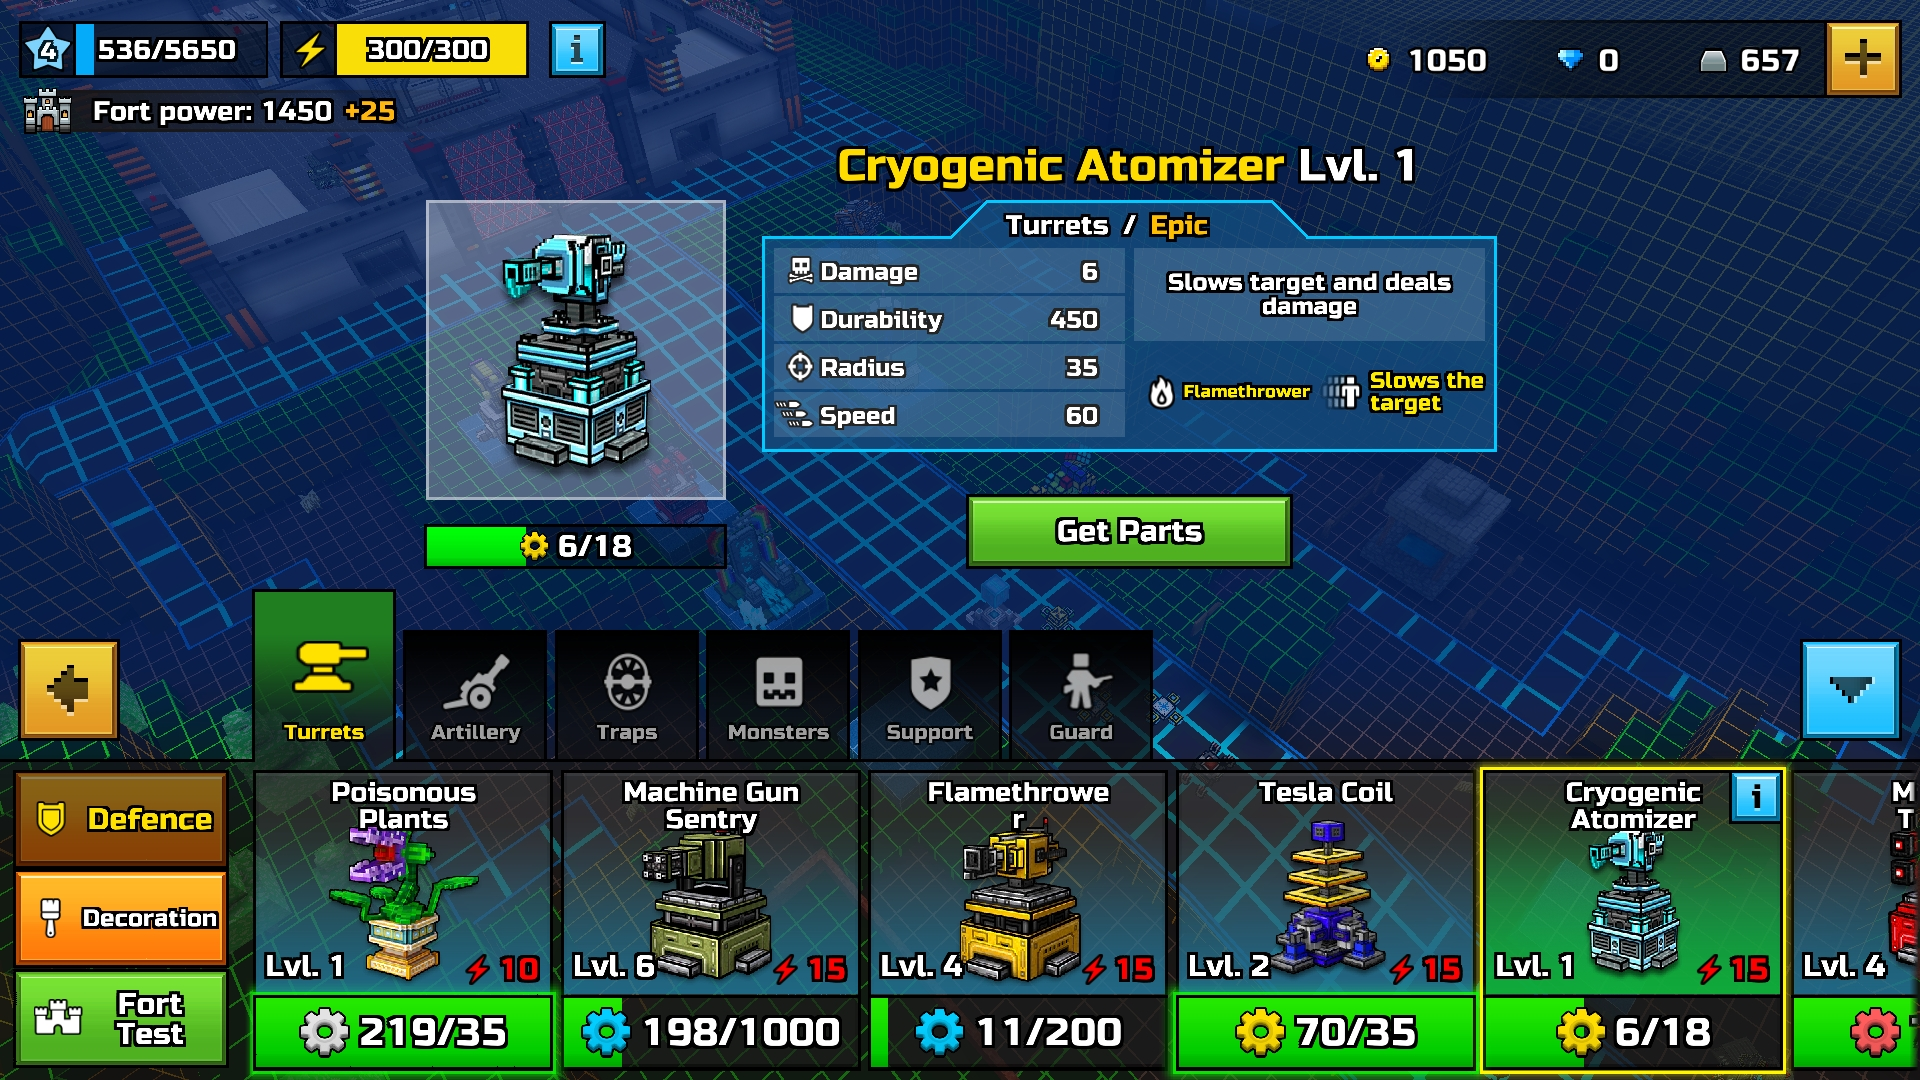 Cryogenic Atomizer